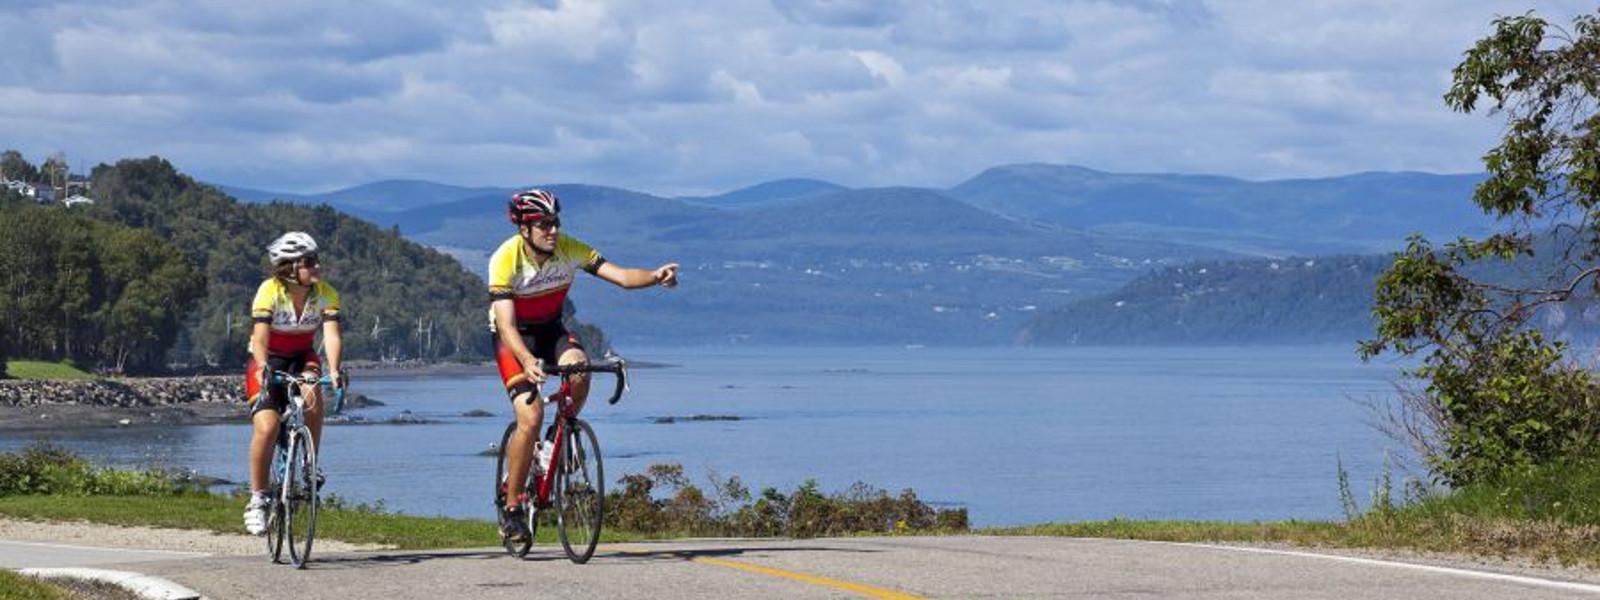 Tour de l'Isle en vélo